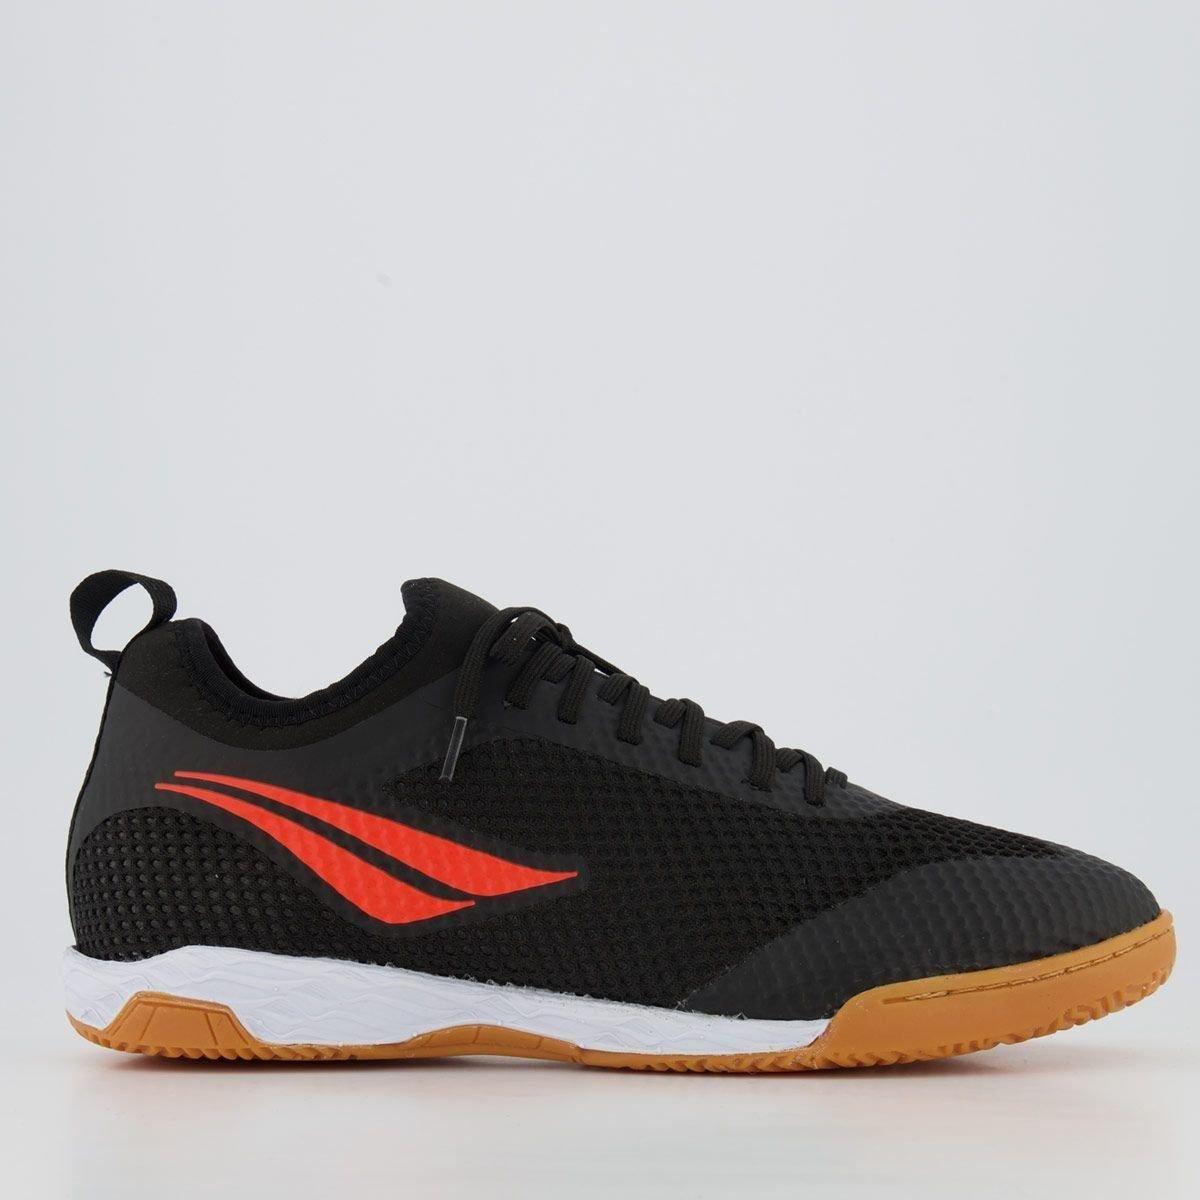 Tênis Penalty Futsal Max 500 IX Locker